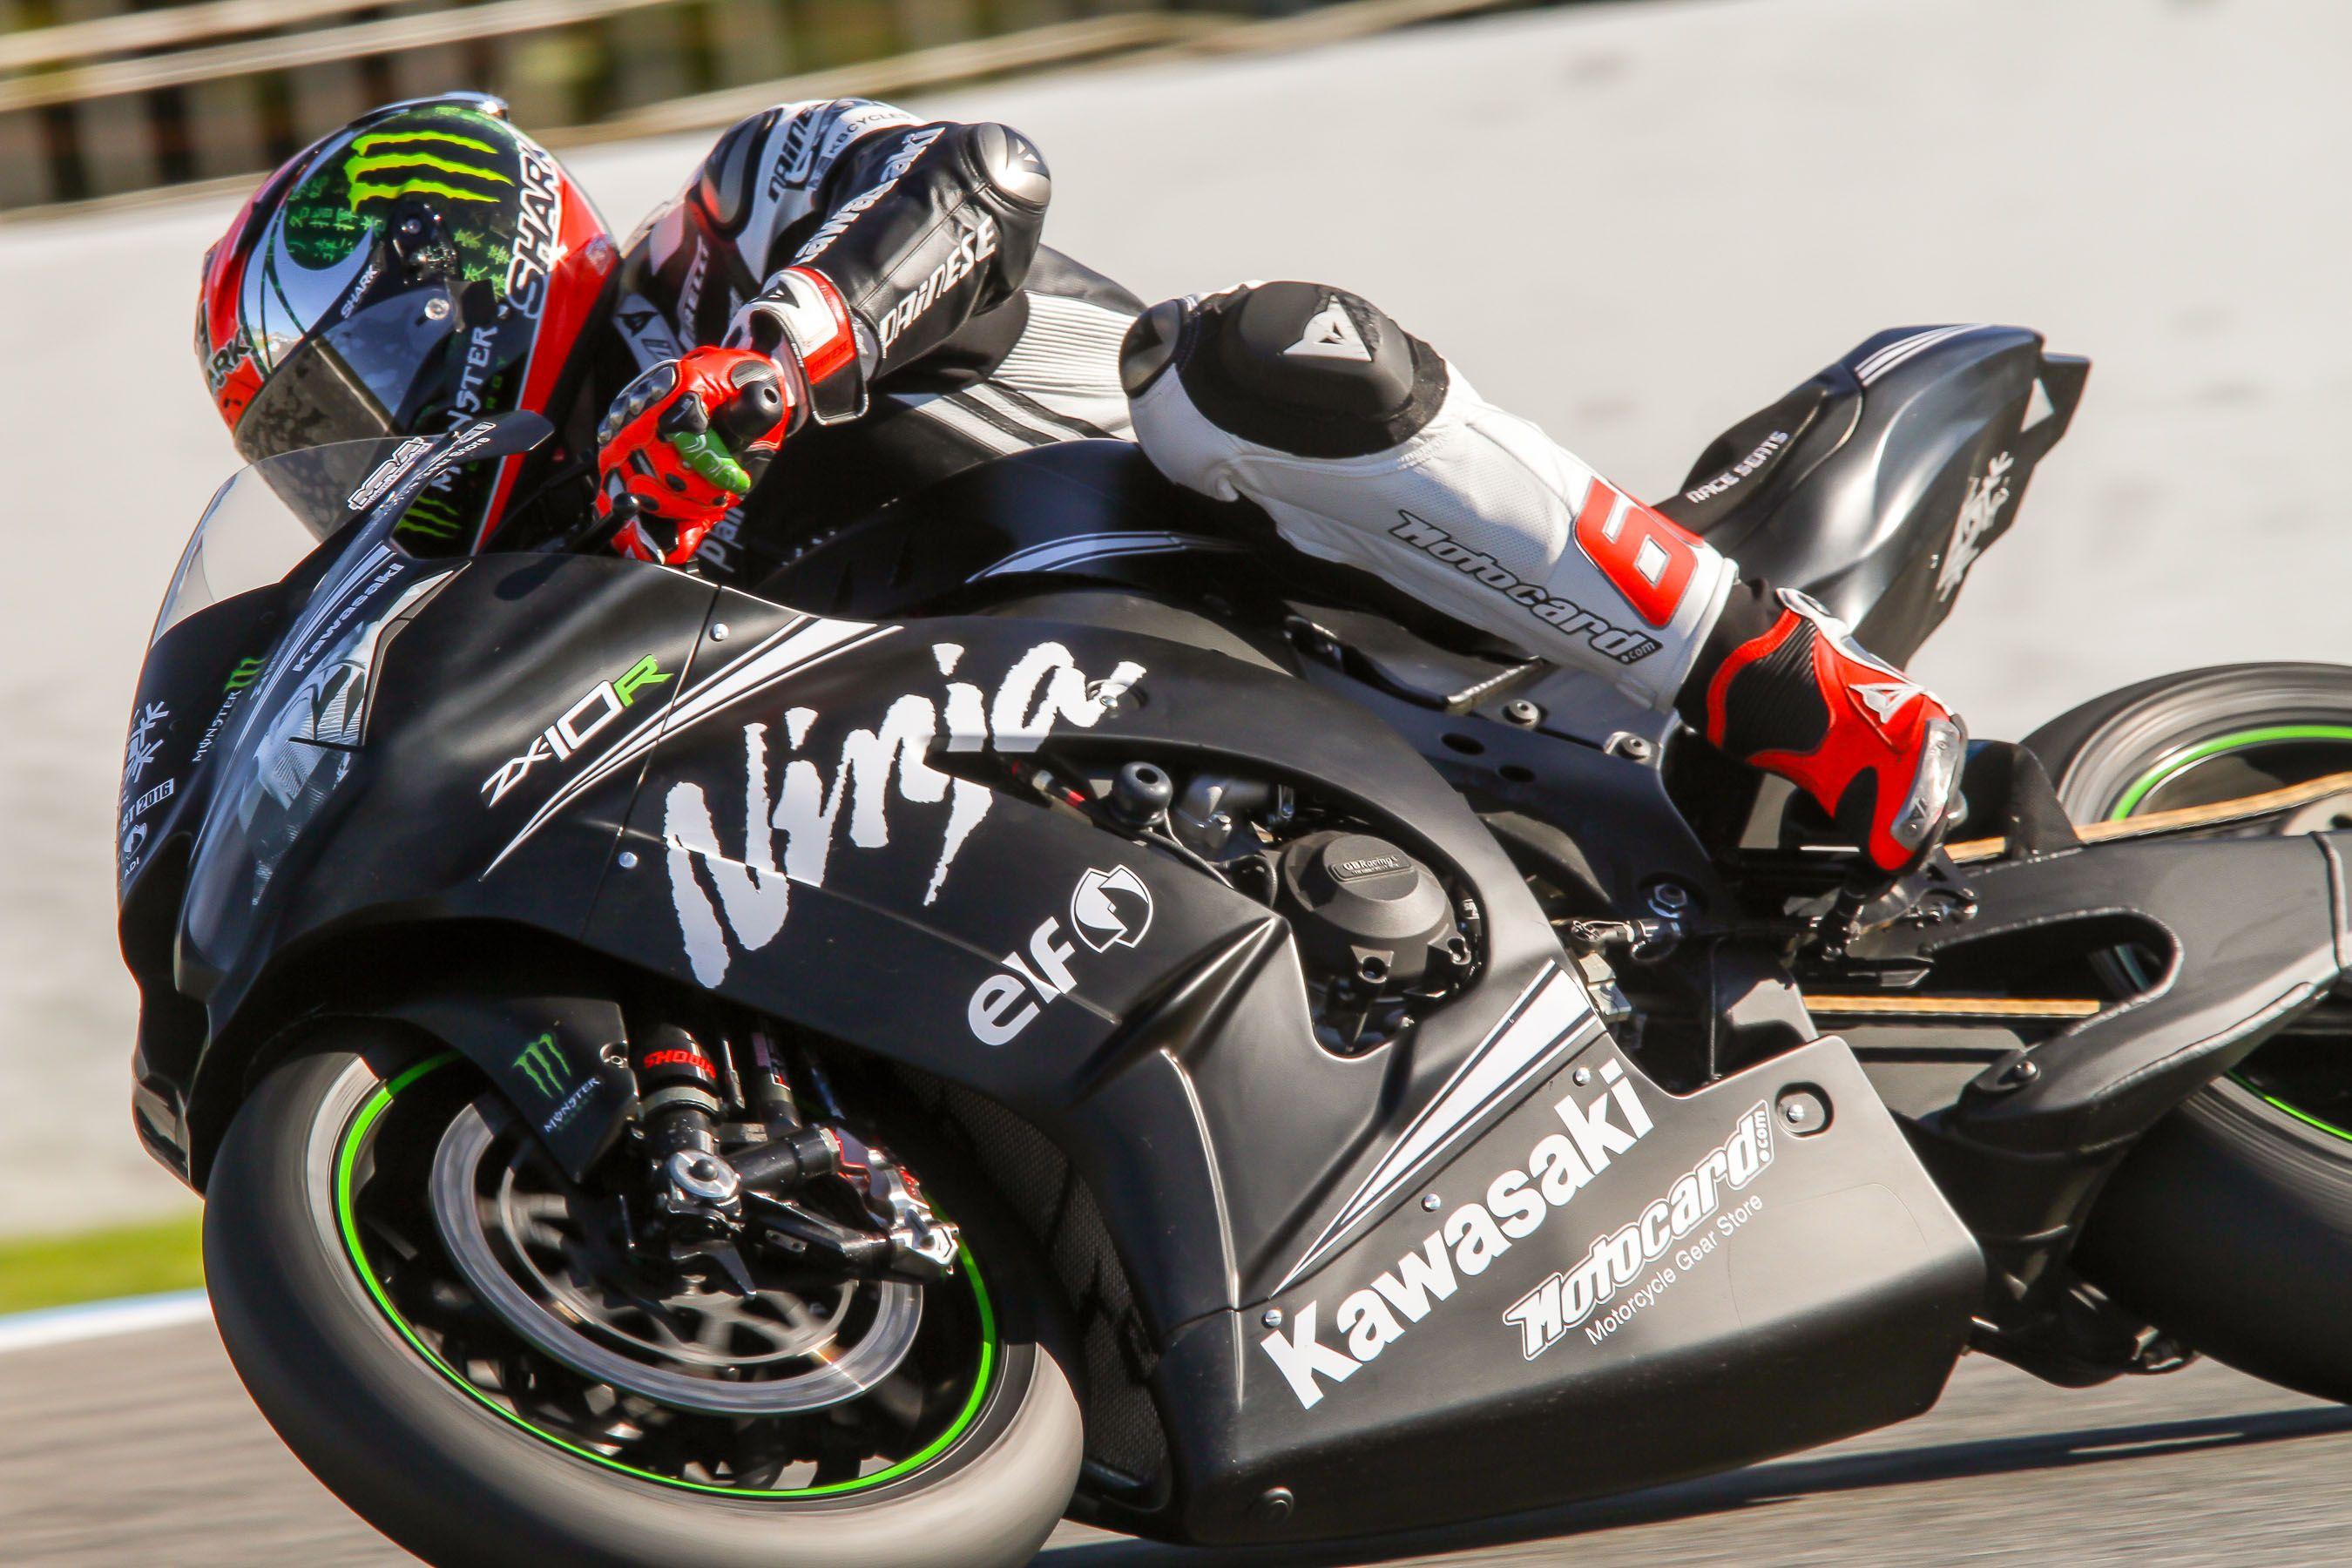 El británico Tom Sykes, piloto del team Kawasaki durante sus test de noviembre en Jerez